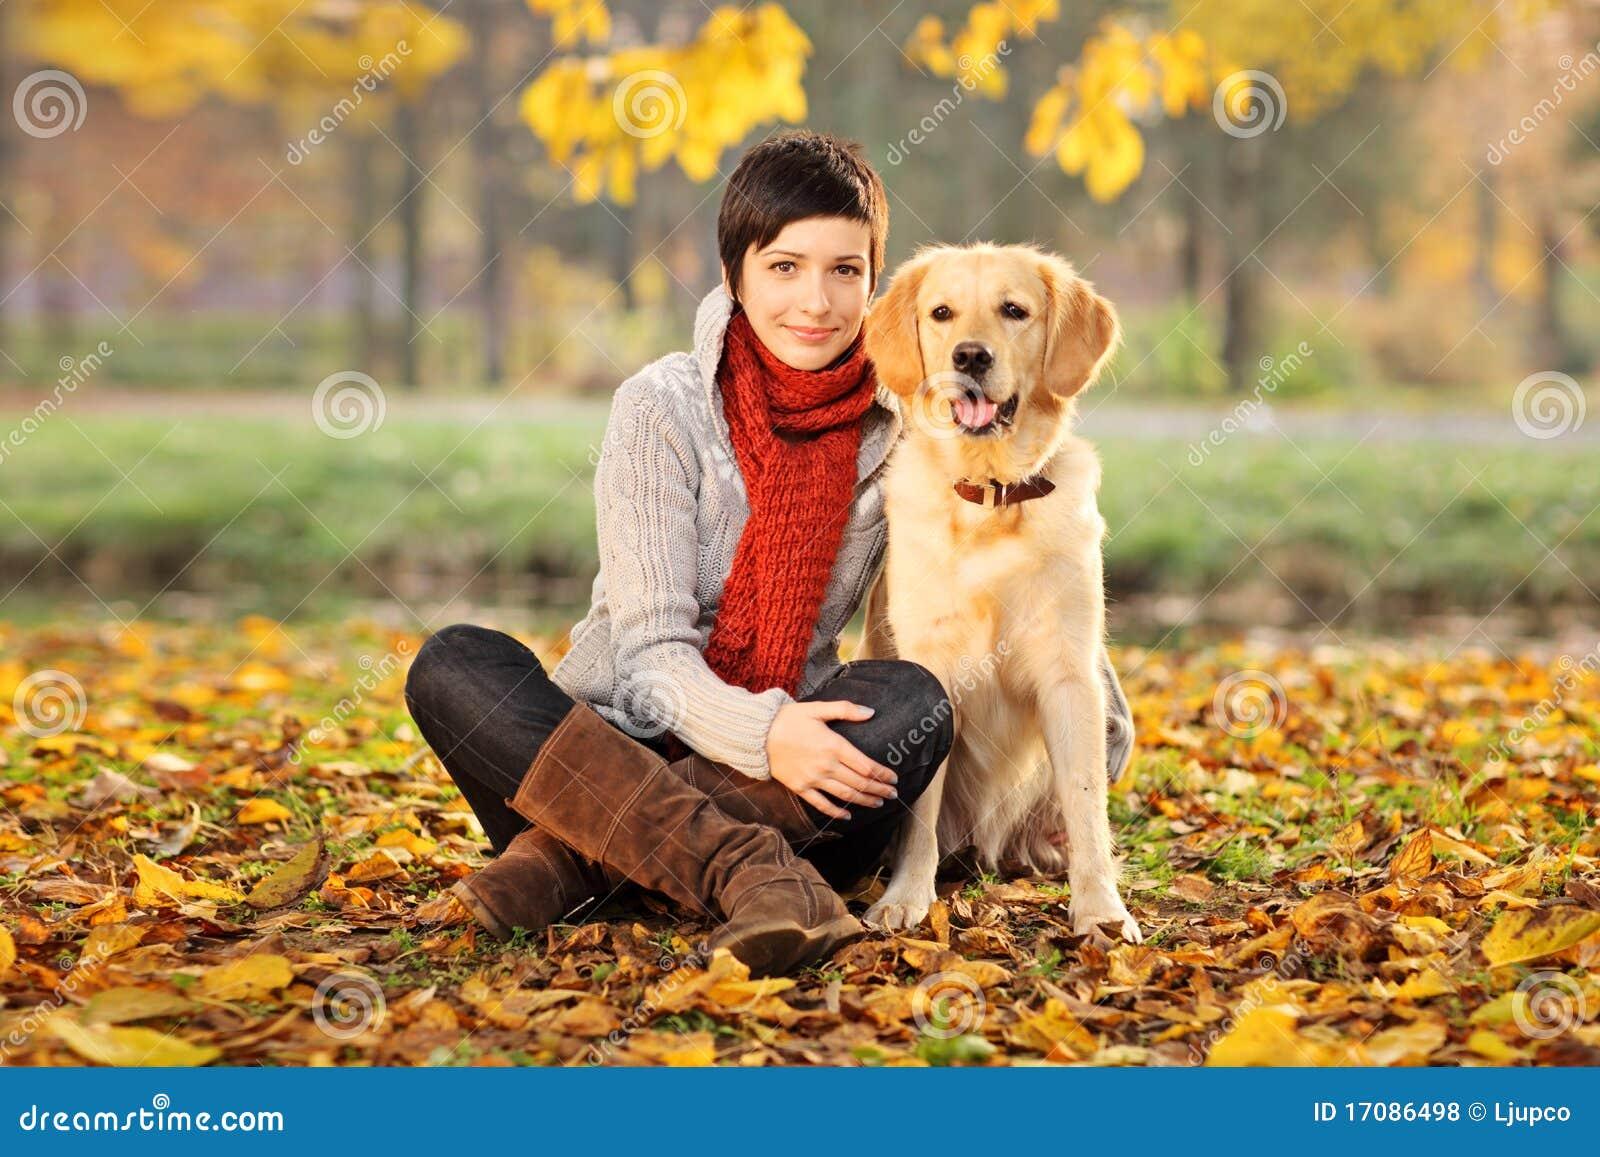 lizenzfreie bilder frau mit hund.